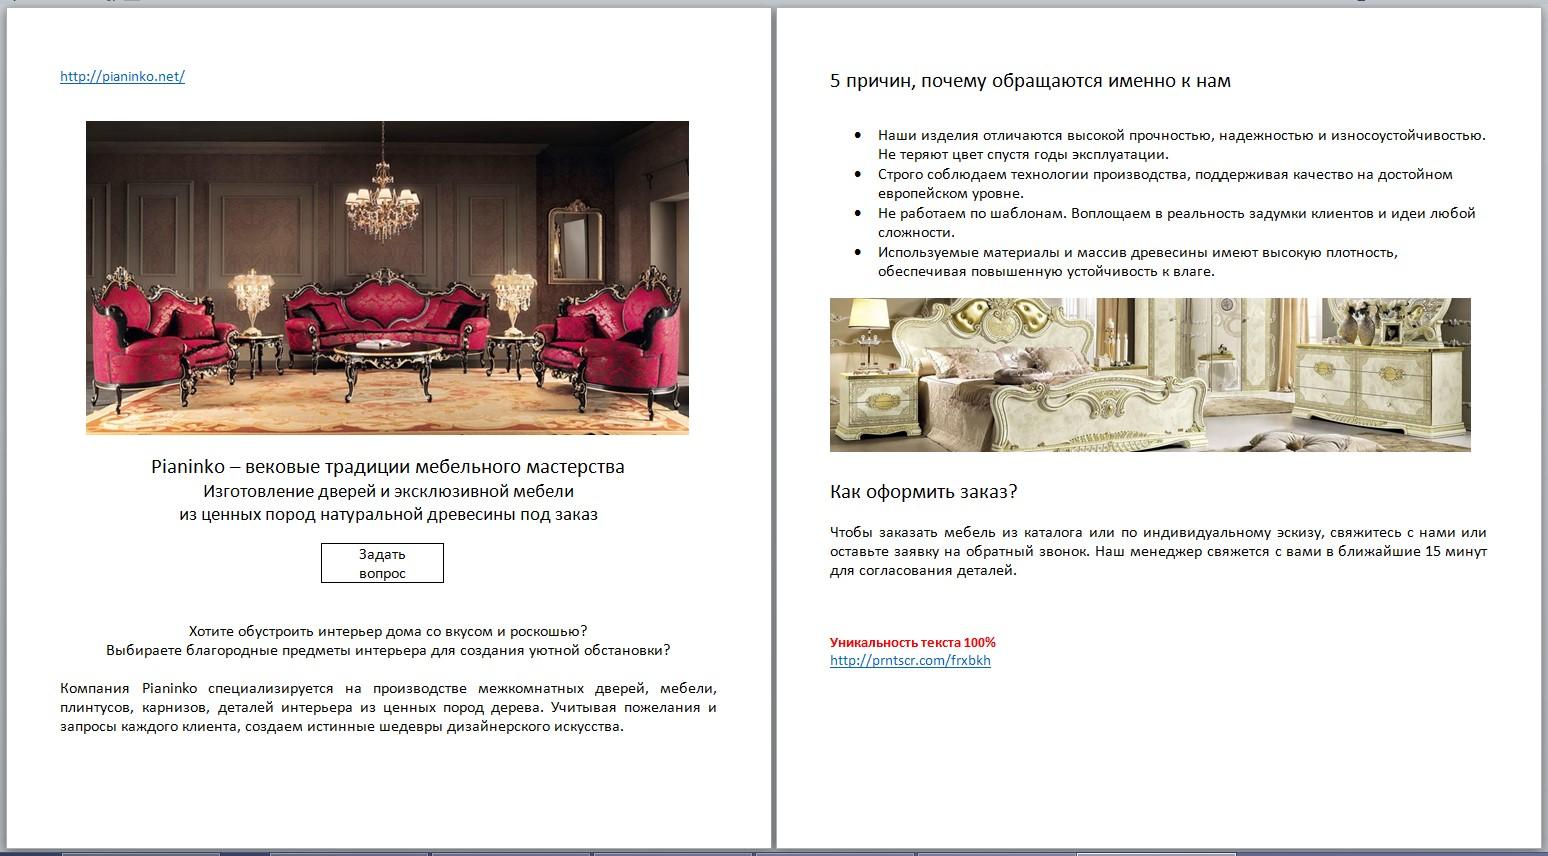 Продающий текст. Производство элитной мебели.